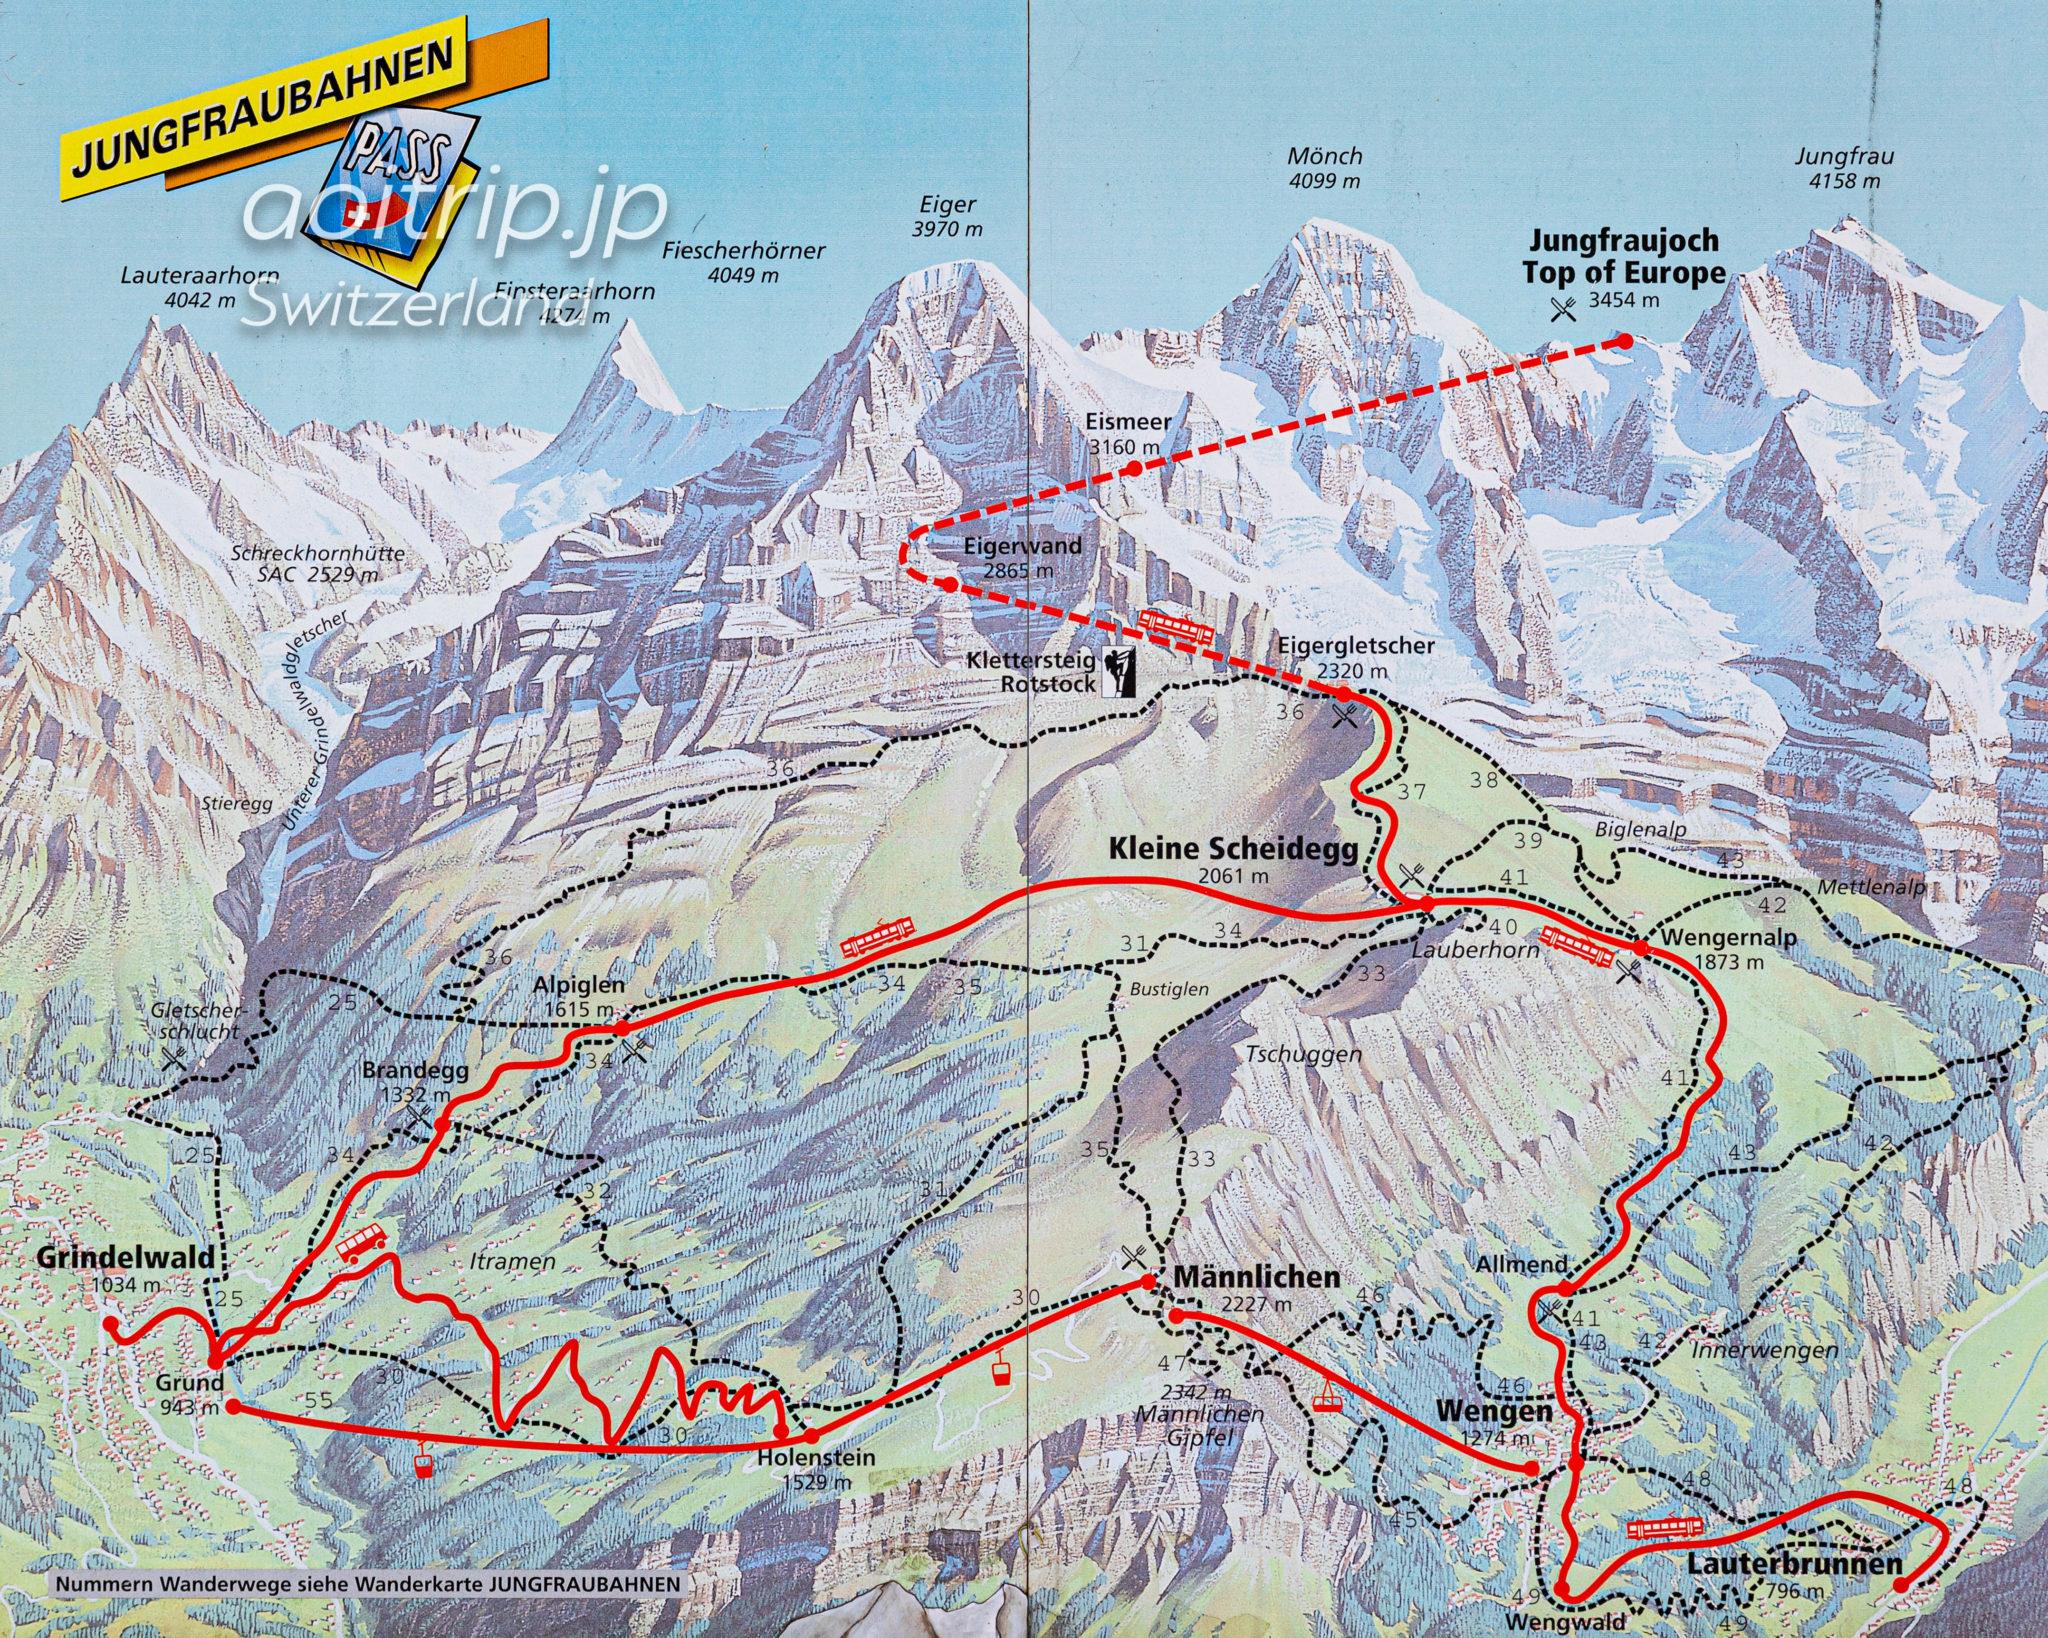 ユングフラウ(Jungfrau)のマップ